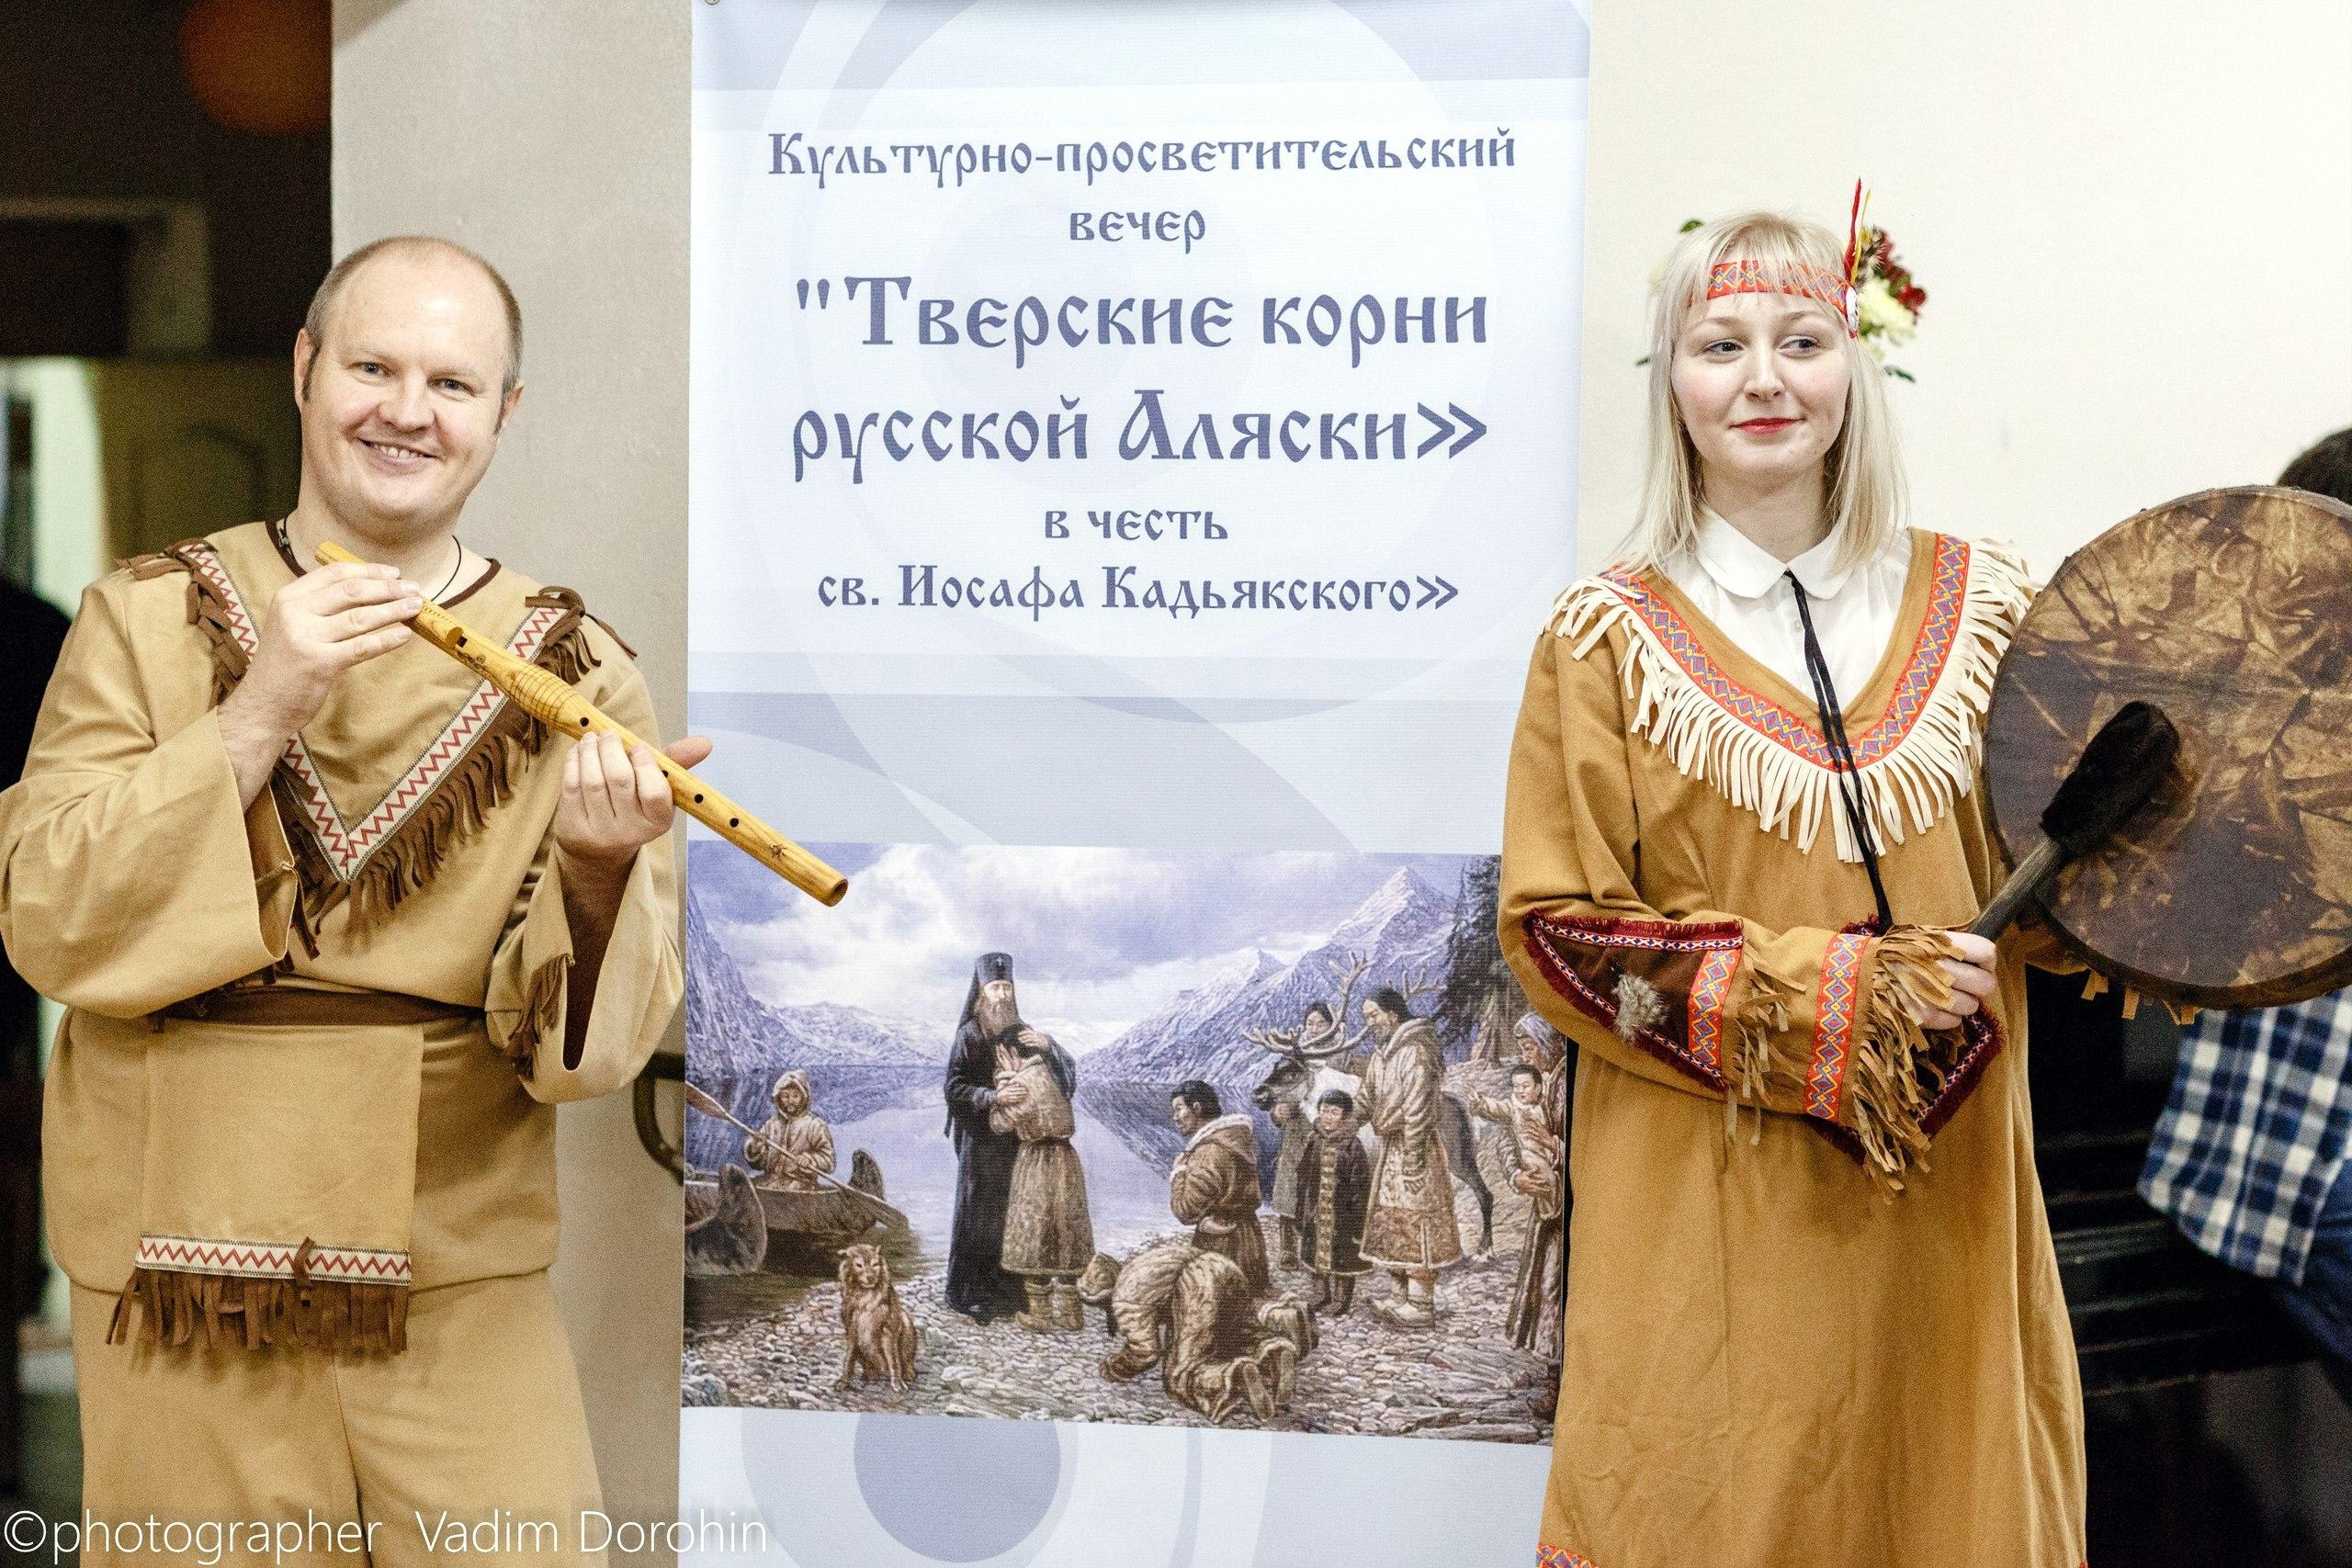 Вечер «Тверские корни русской Аляски», посвященный св. Иосафу Кадьякскому